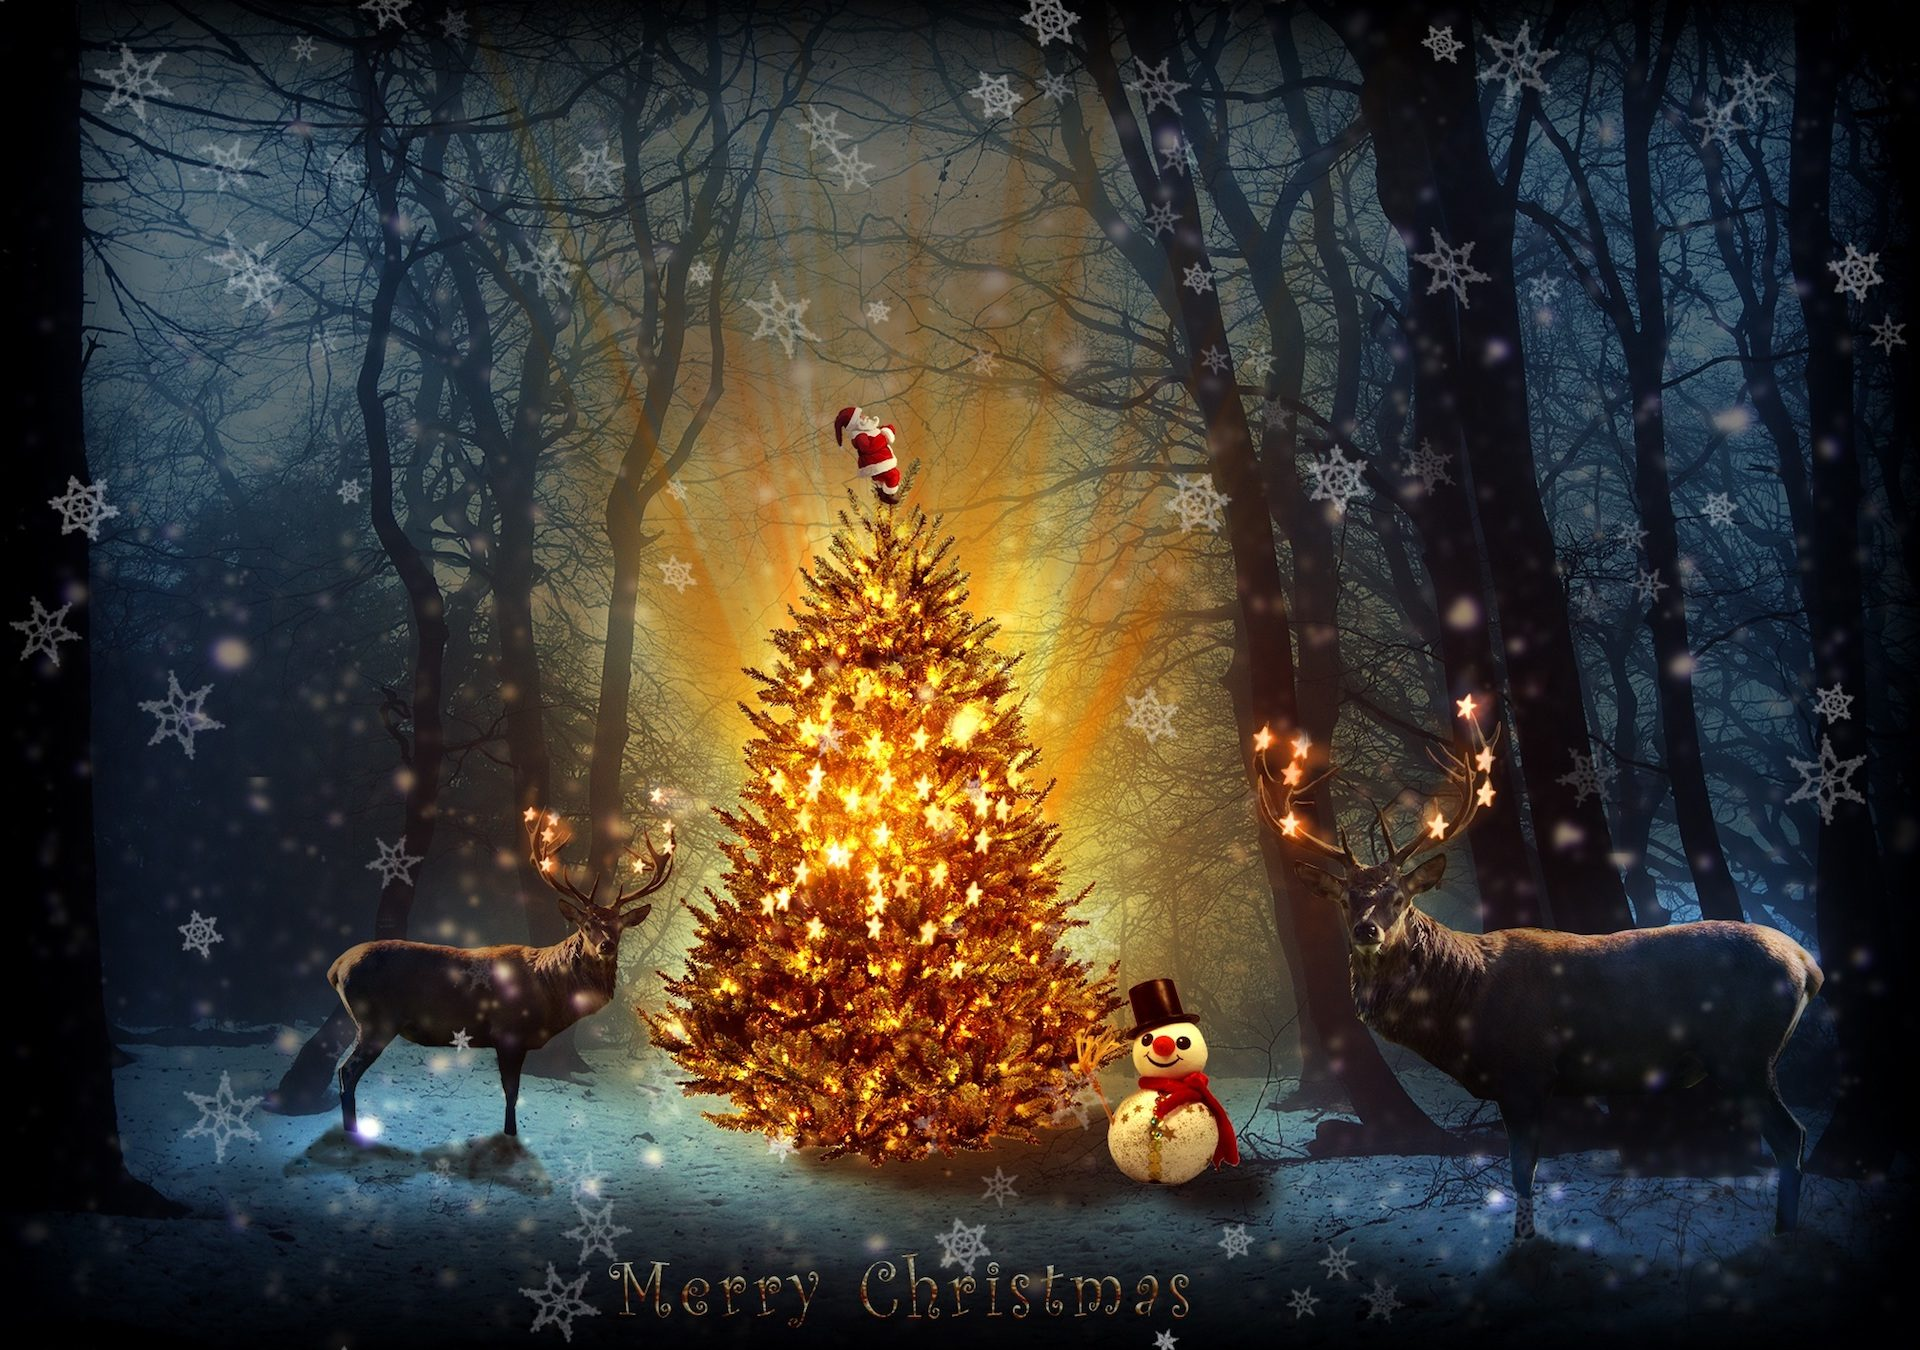 δέντρο, Ελάφια, χιονάνθρωπος, δάσος, Χαιρετισμός, κάρτα, Χριστούγεννα - Wallpapers HD - Professor-falken.com